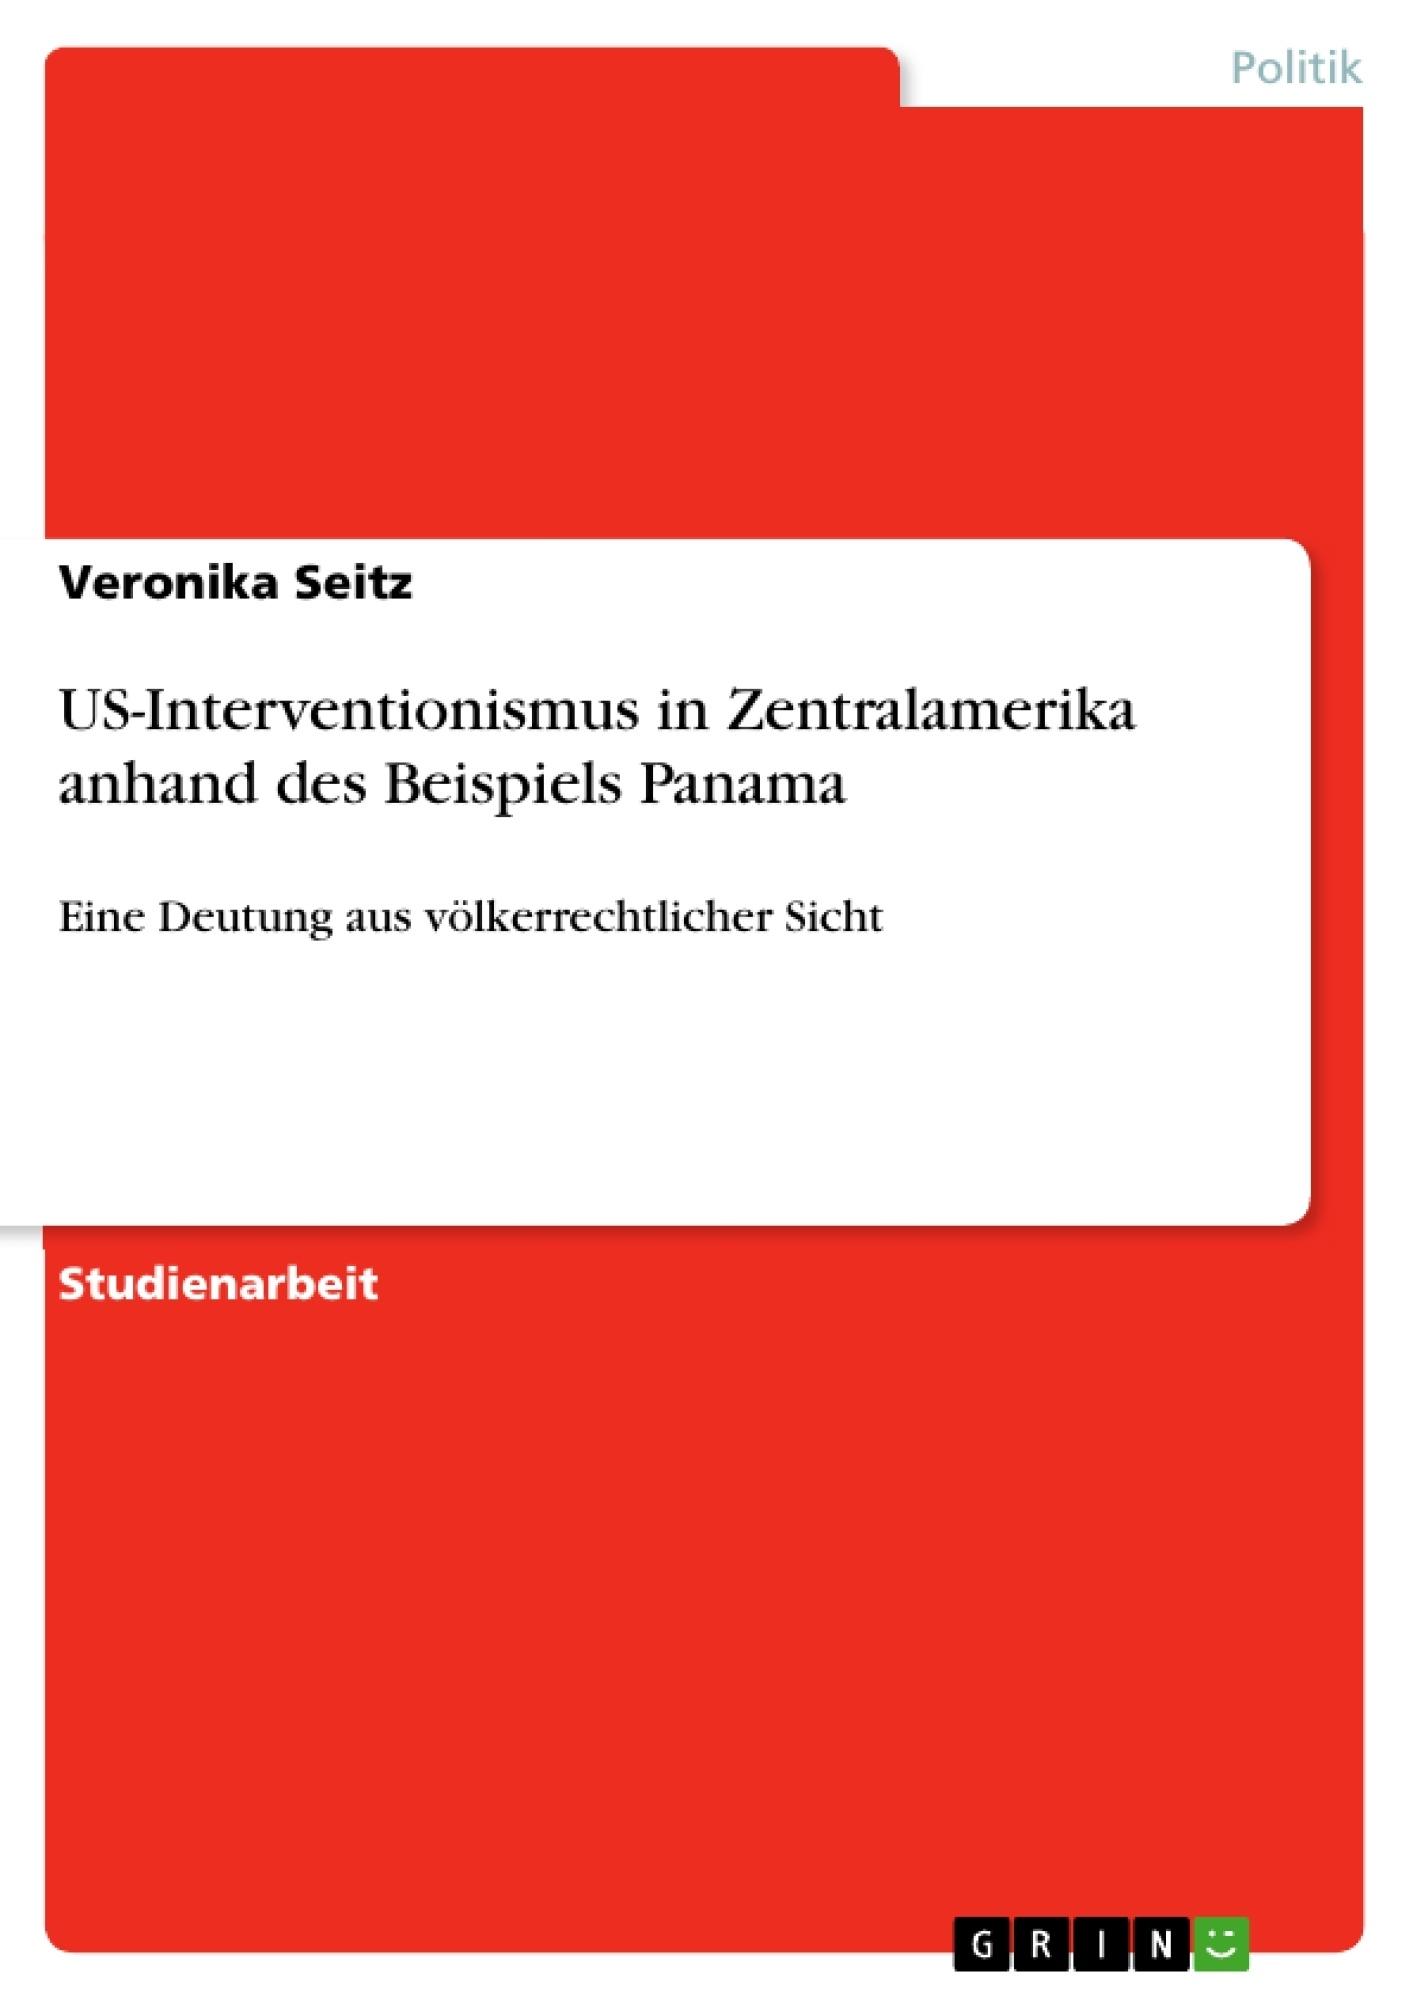 Titel: US-Interventionismus in Zentralamerika anhand des Beispiels Panama